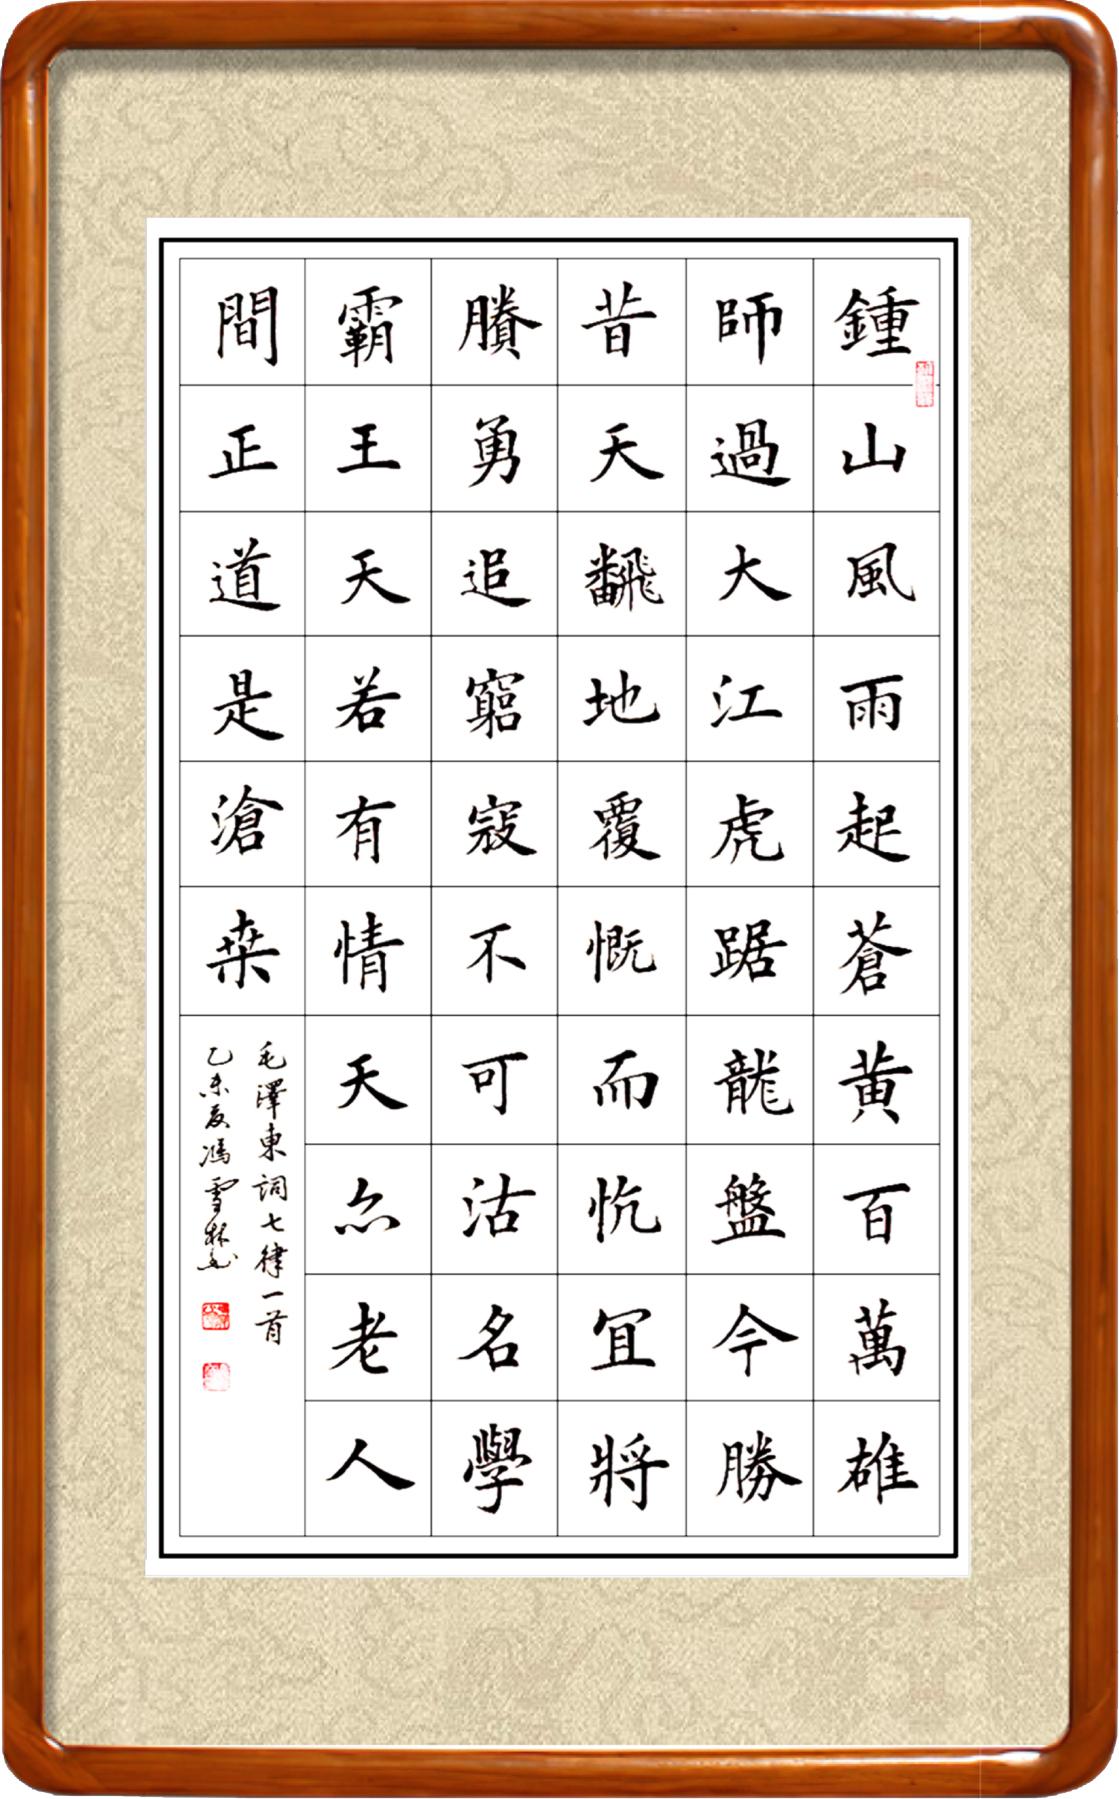 人民解放军占领南京书法作品